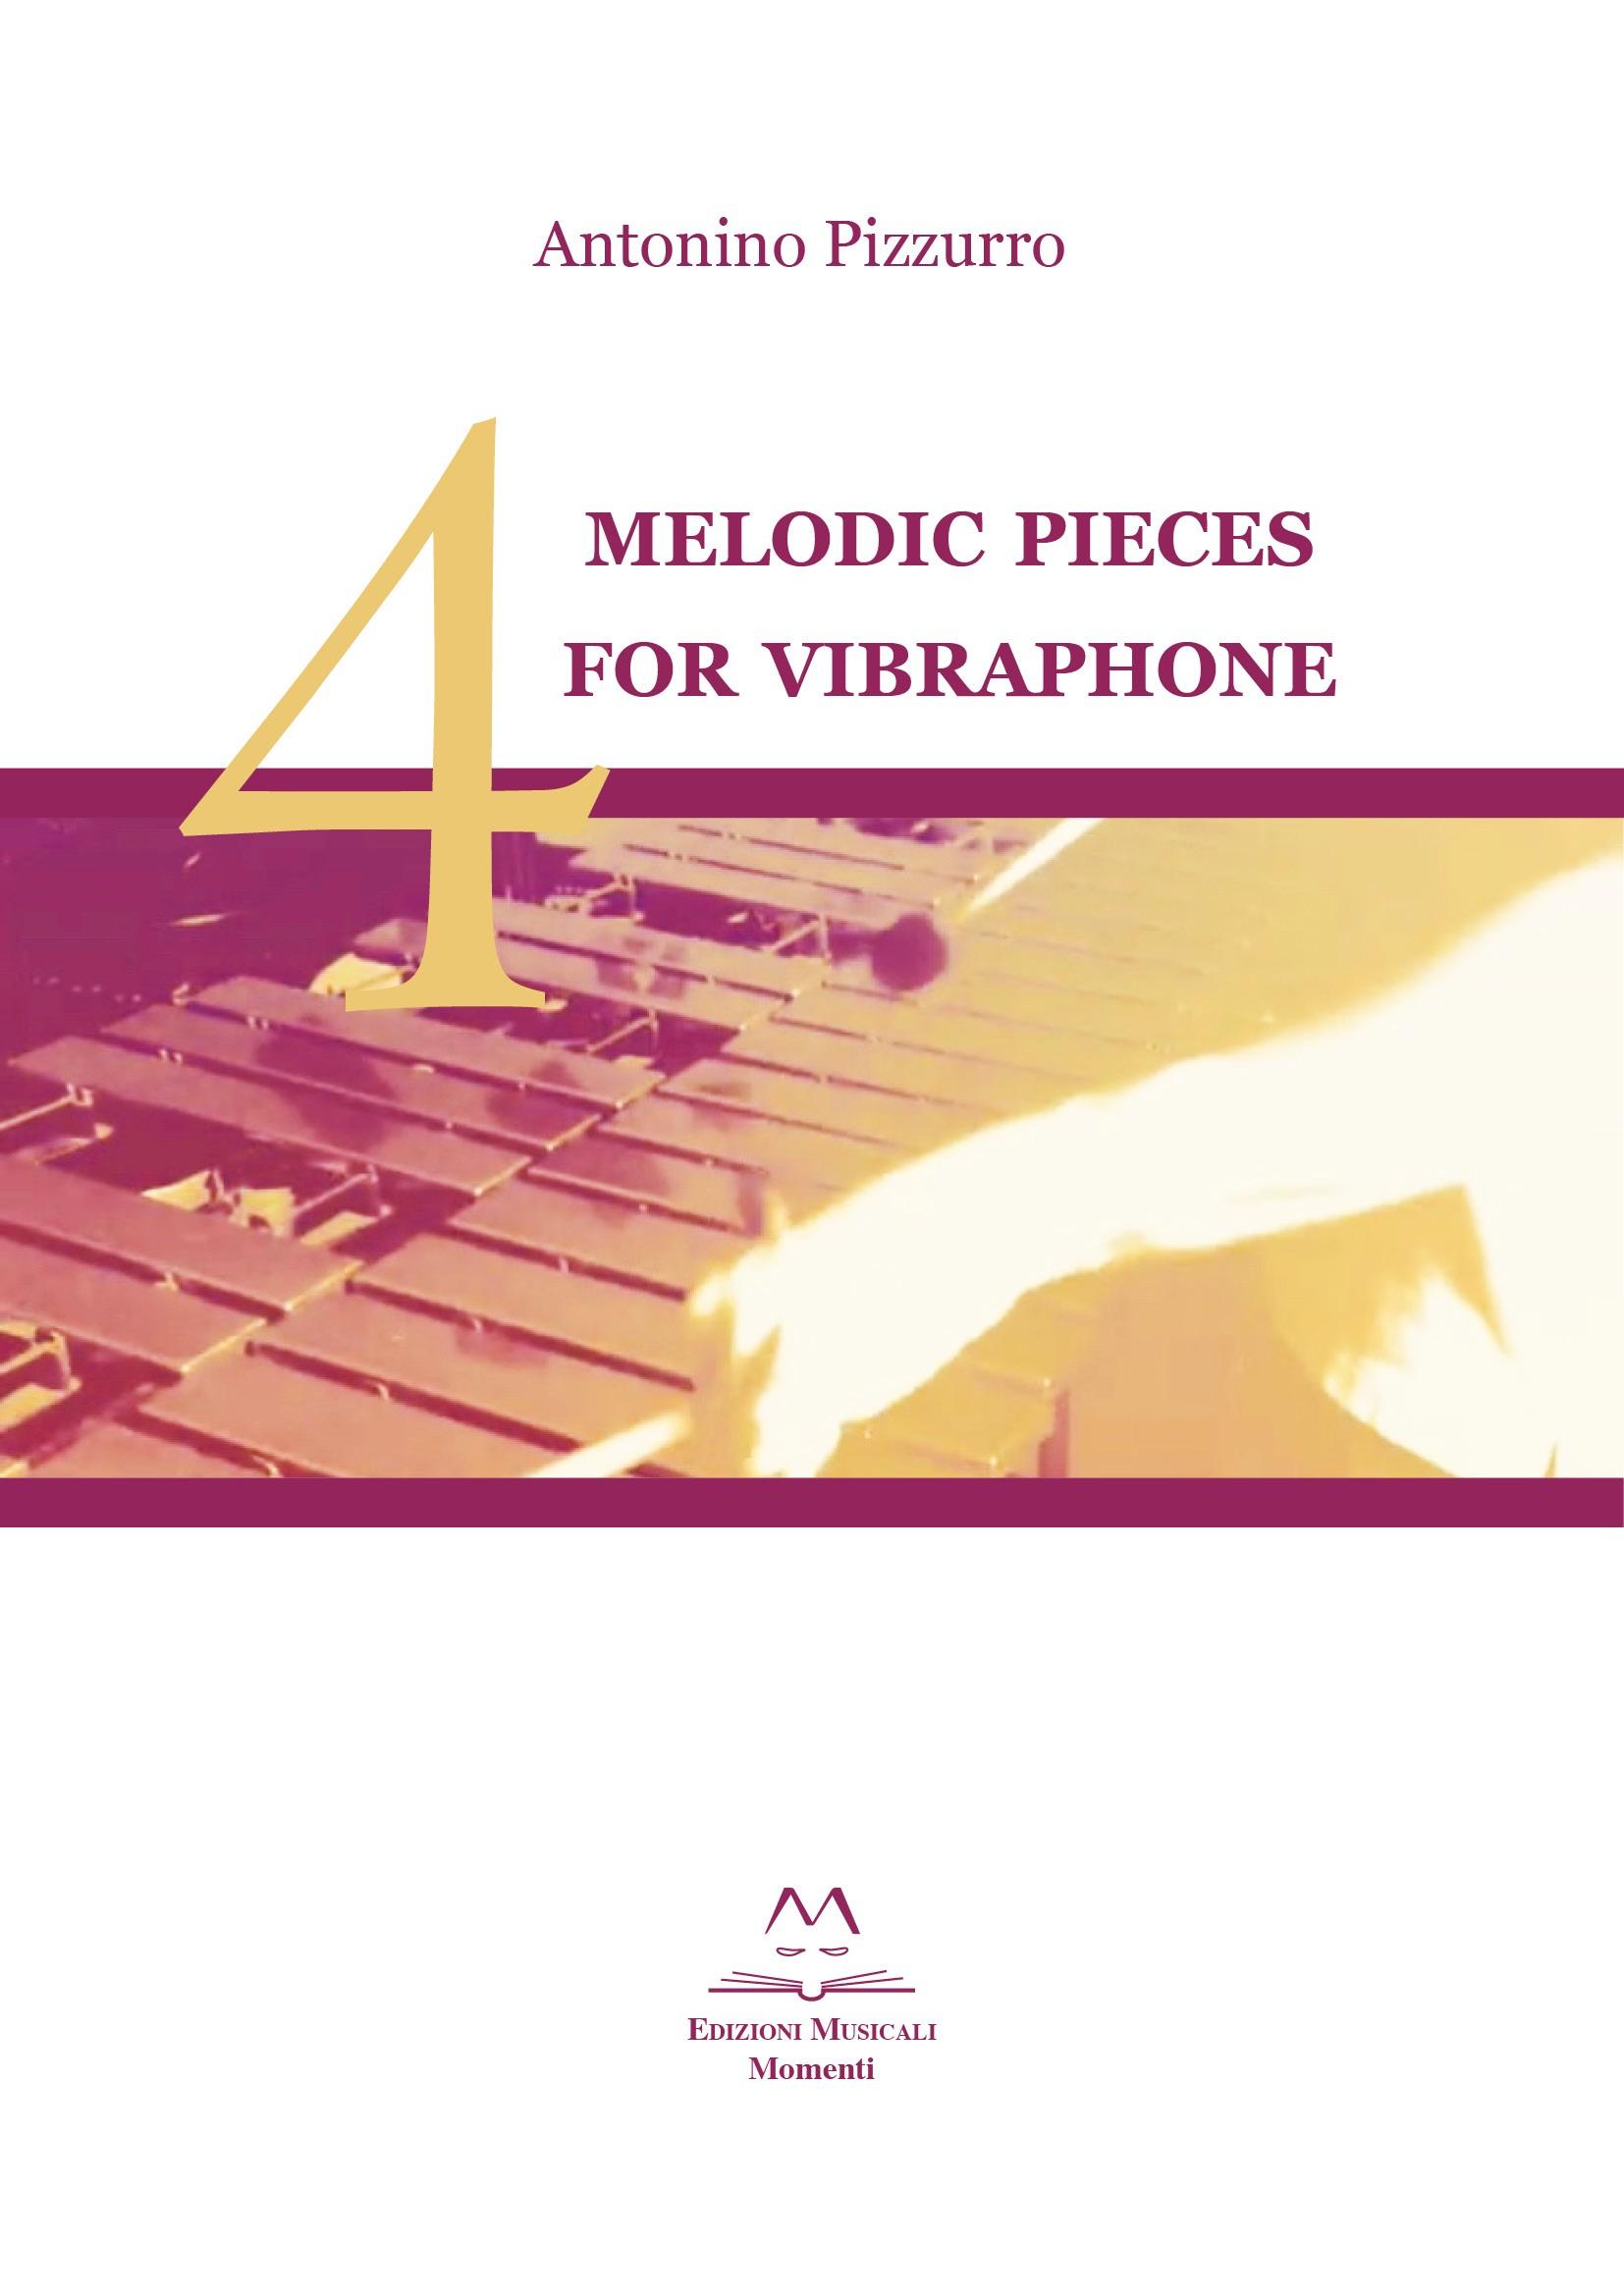 4 Melodic pieces for vibraphone di Antonino Pizzurro